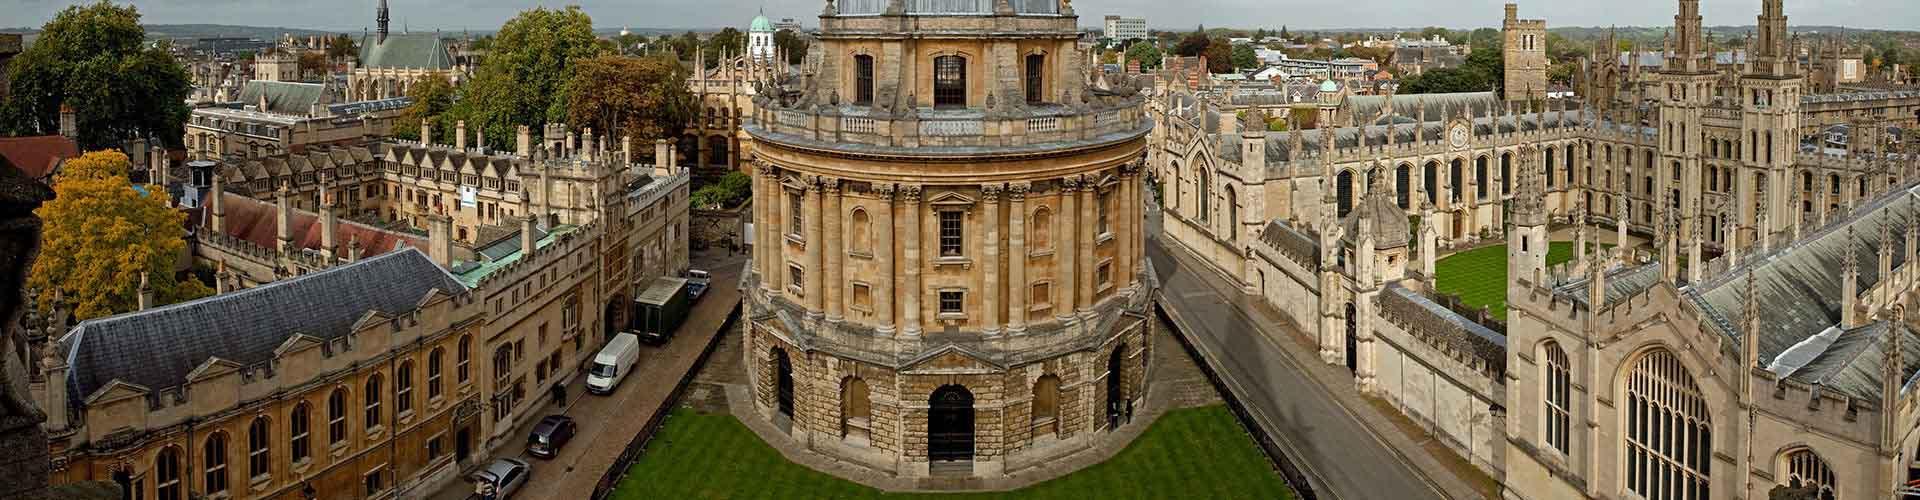 オックスフォード – アパート オックスフォード. 地図 オックスフォード, すべてのアパートの写真とレビュー オックスフォード.